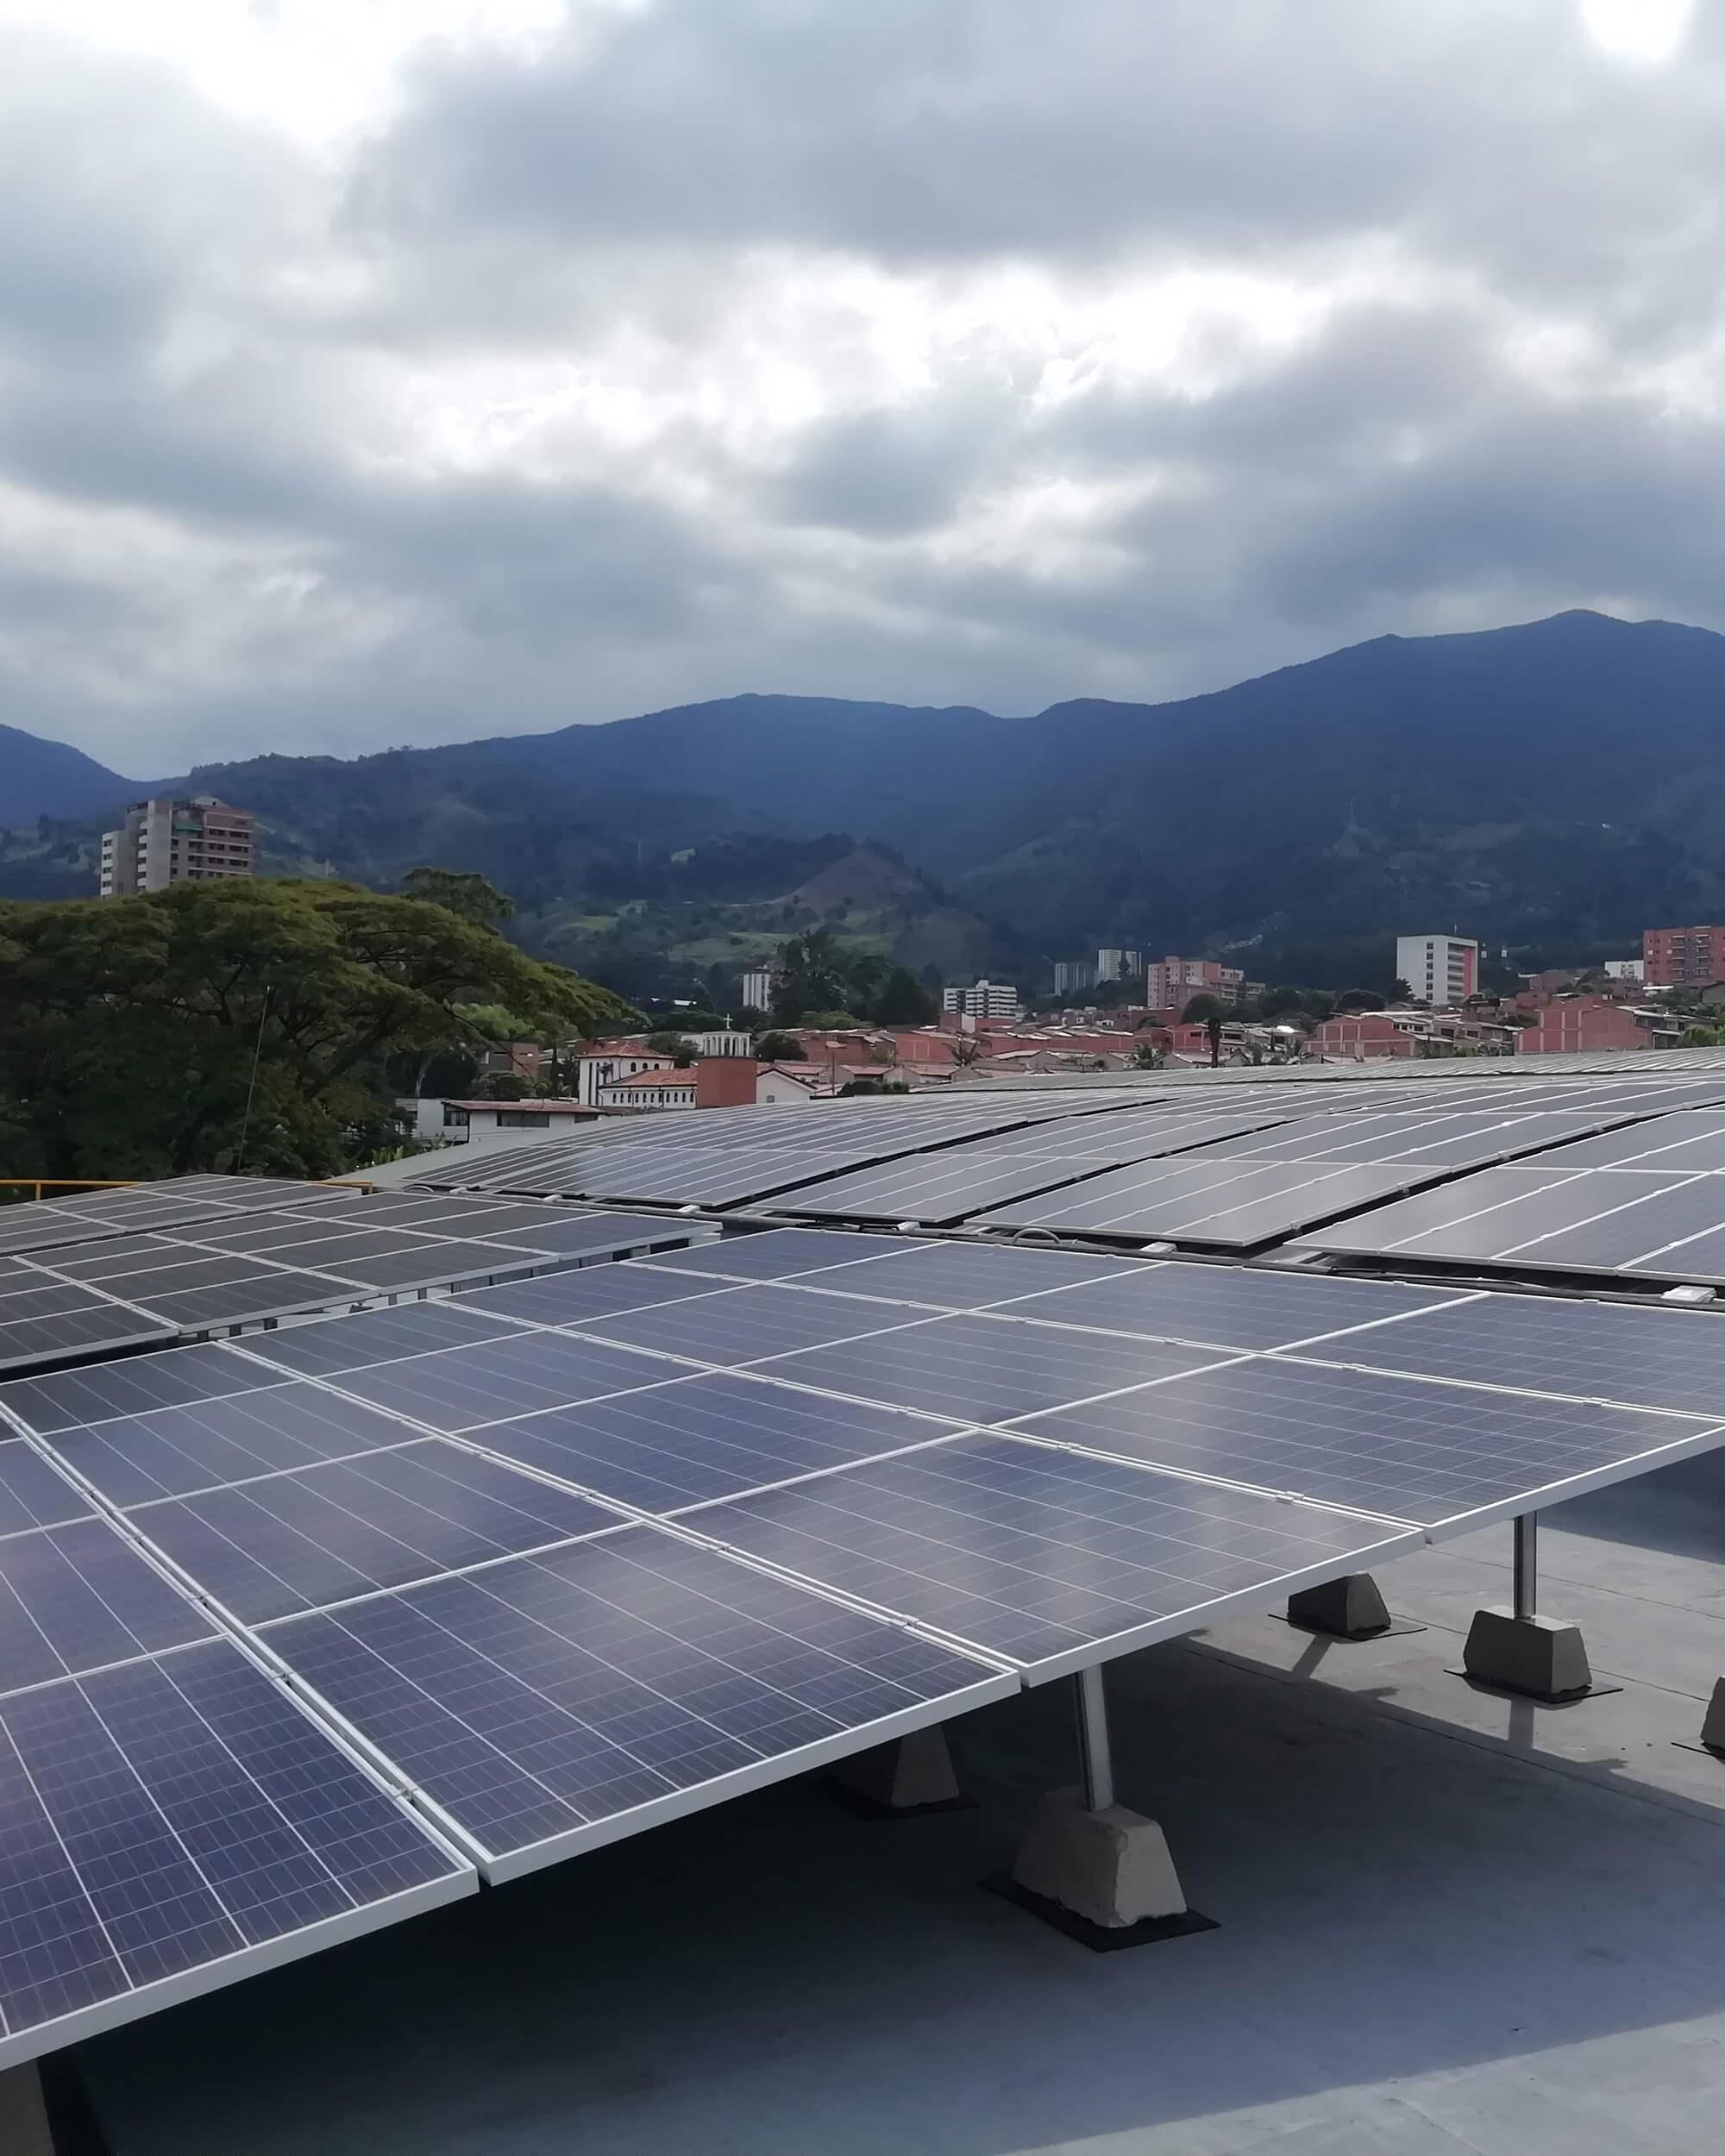 Pánel solar con vista a las montañas de la ciudad